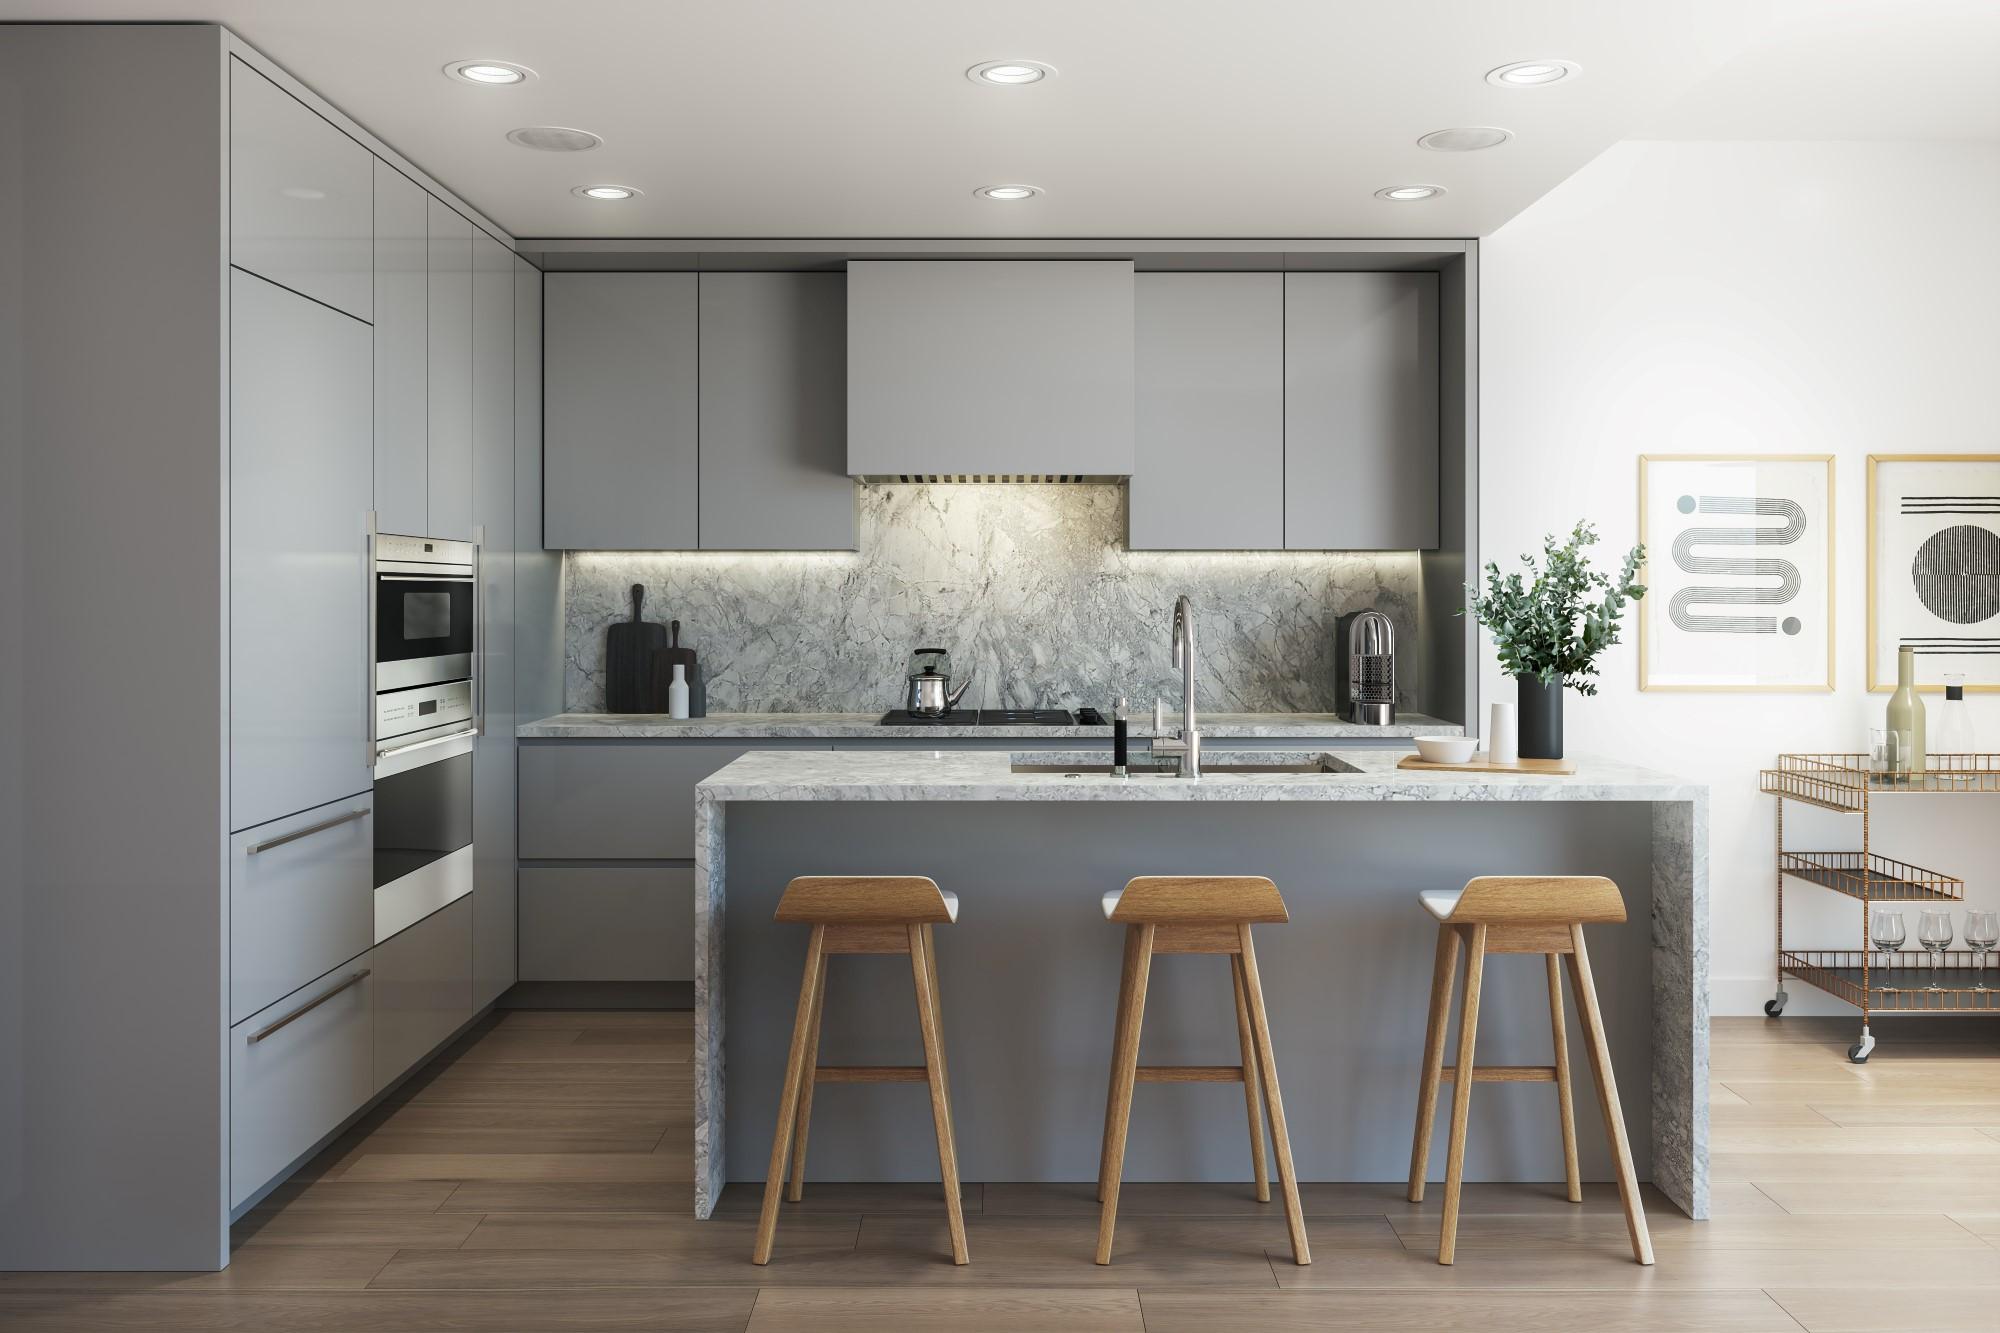 Cambie Gardens kitchen.jpg